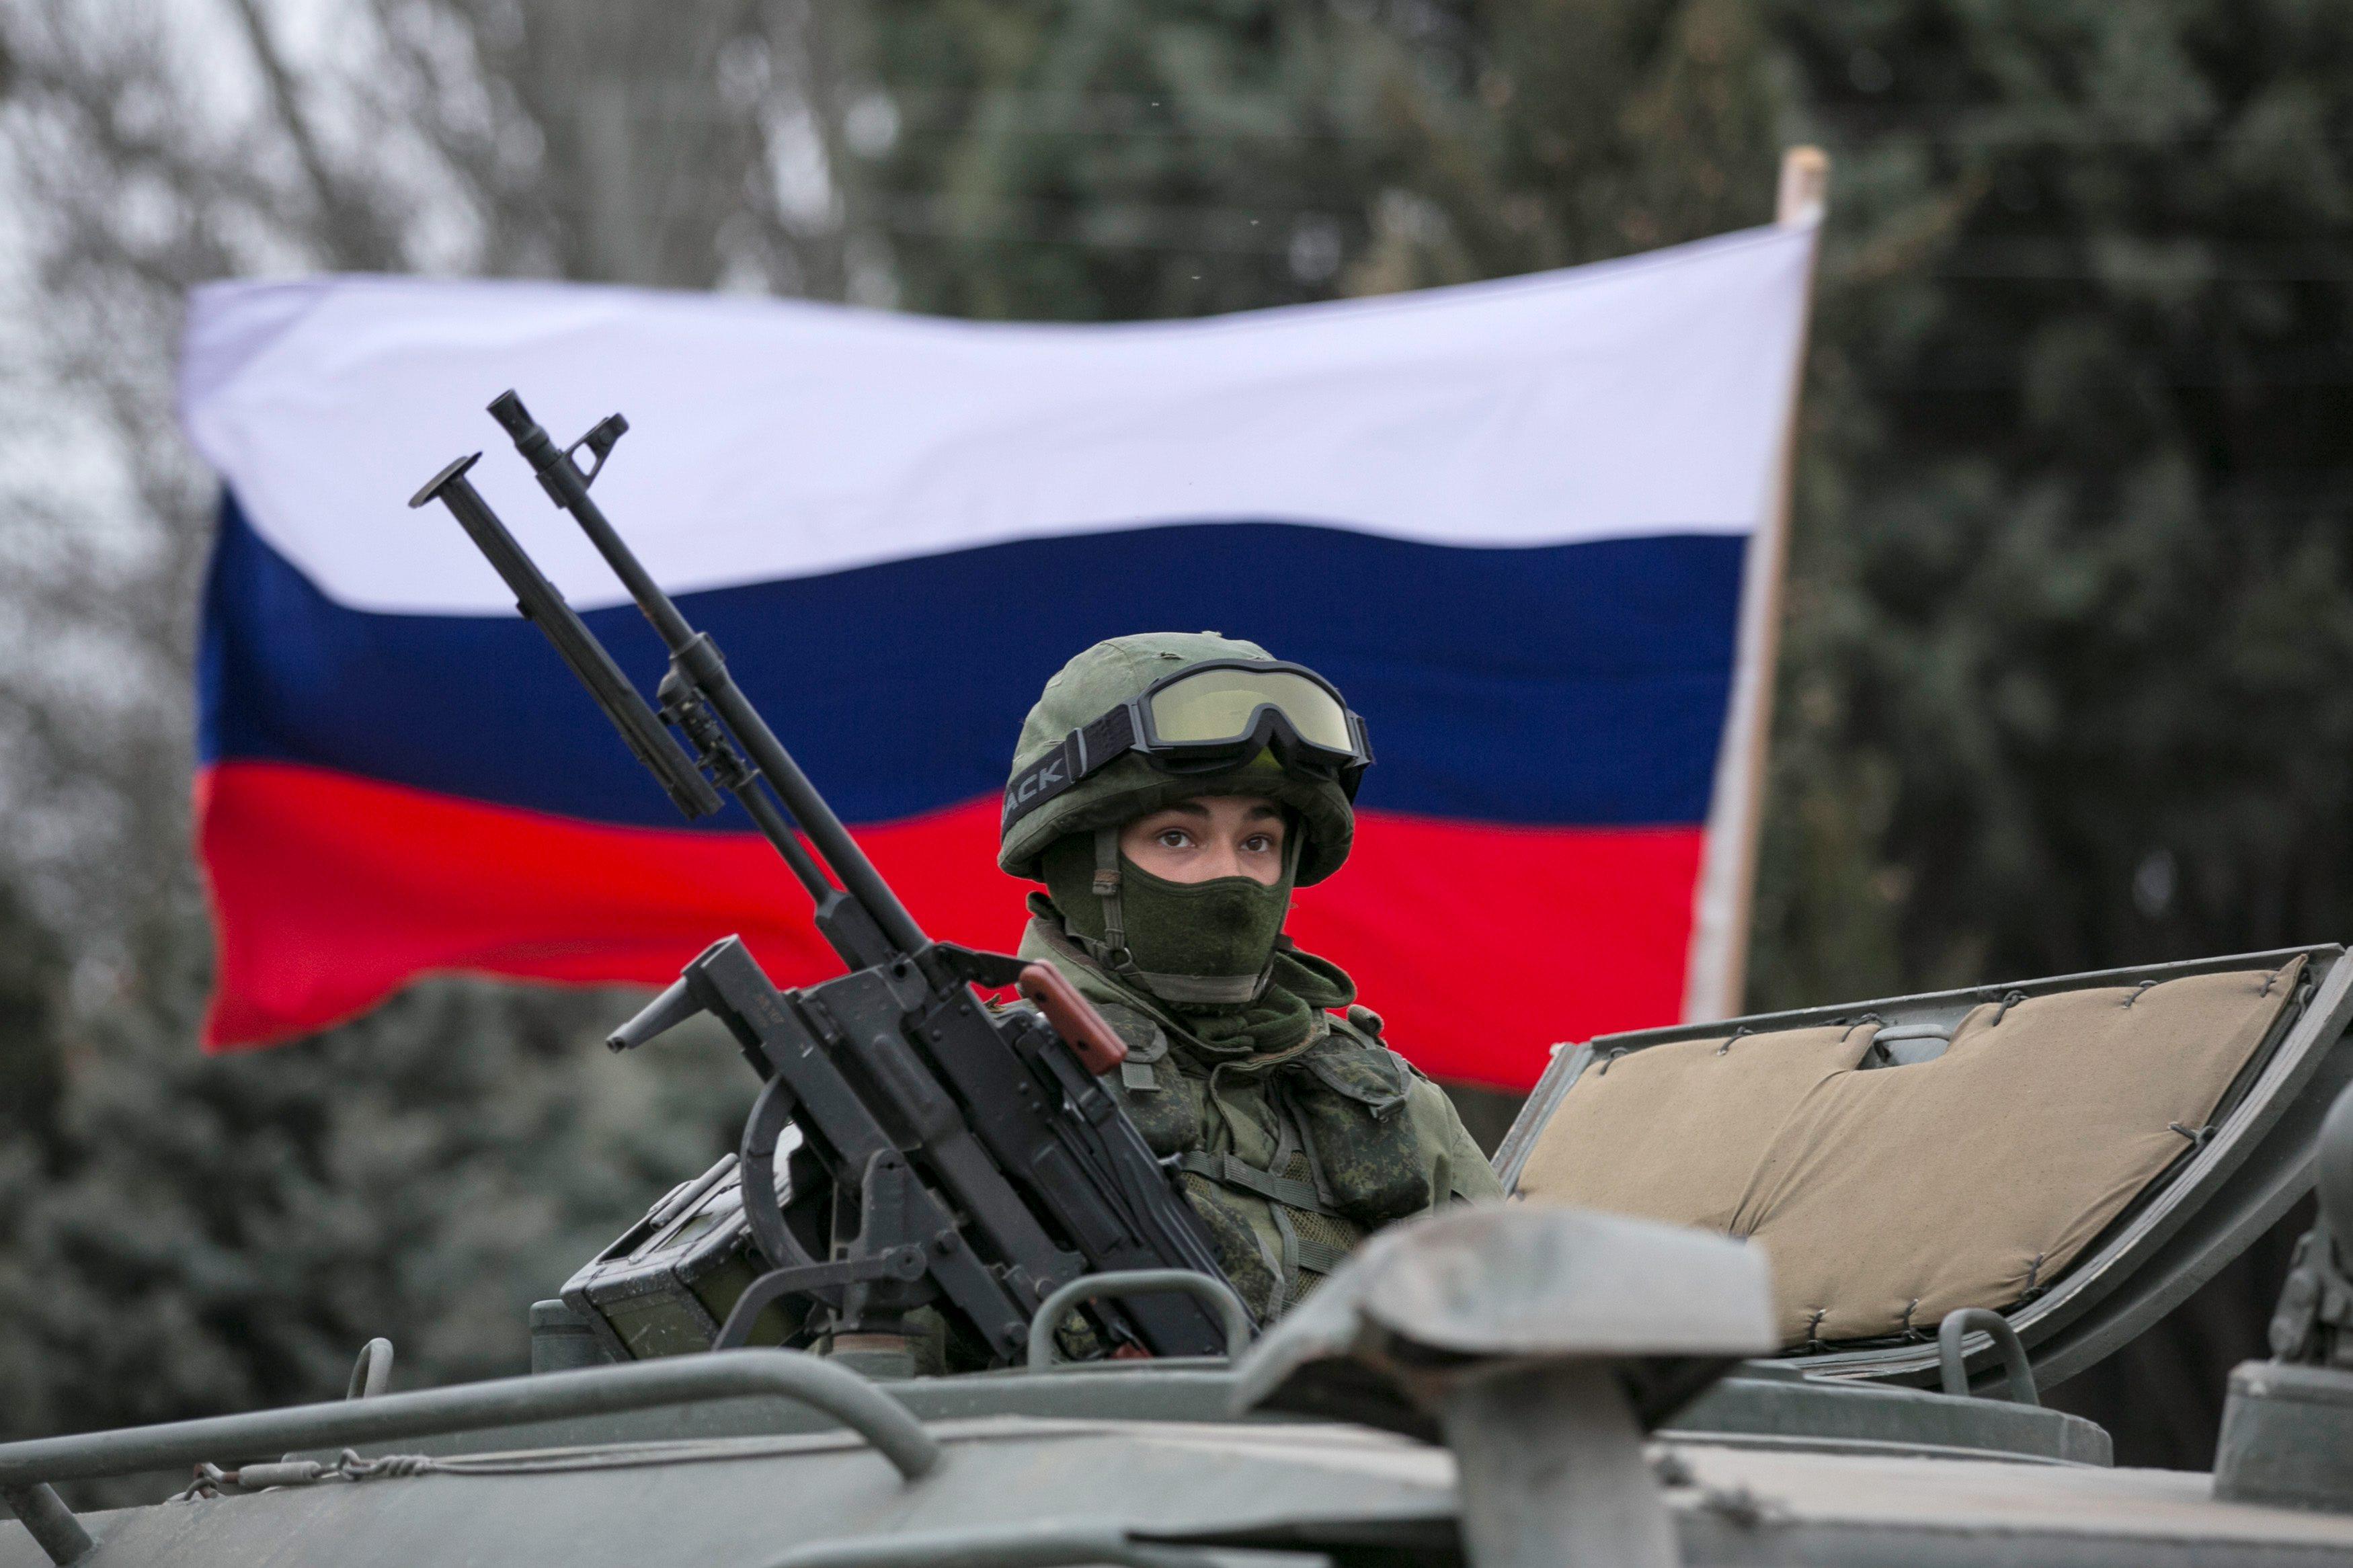 В украинском Генштабе рассказали о плане борьбы за Крым с помощью танков